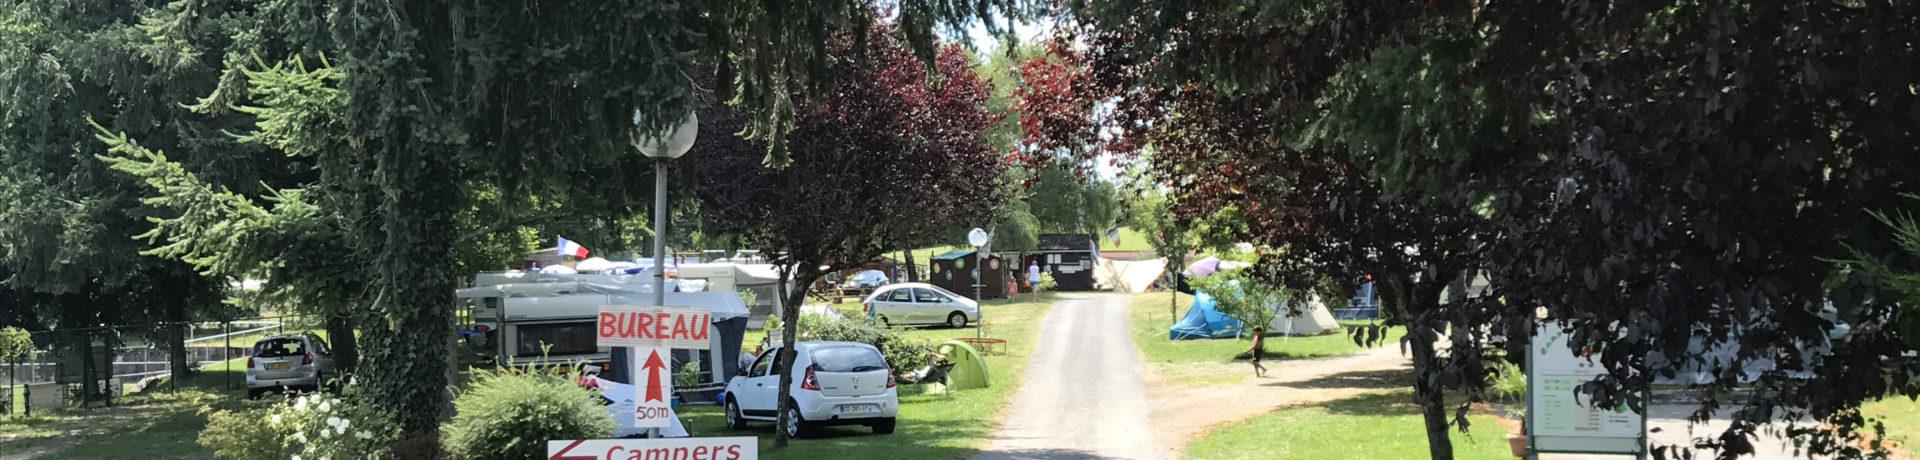 Op Camping La Bedure in Luzy (Bourgogne) kun je heerlijk een paar weken tot rust komen met de tent, camper of caravan. Er zijn 50 ruime kampeerplaatsen.